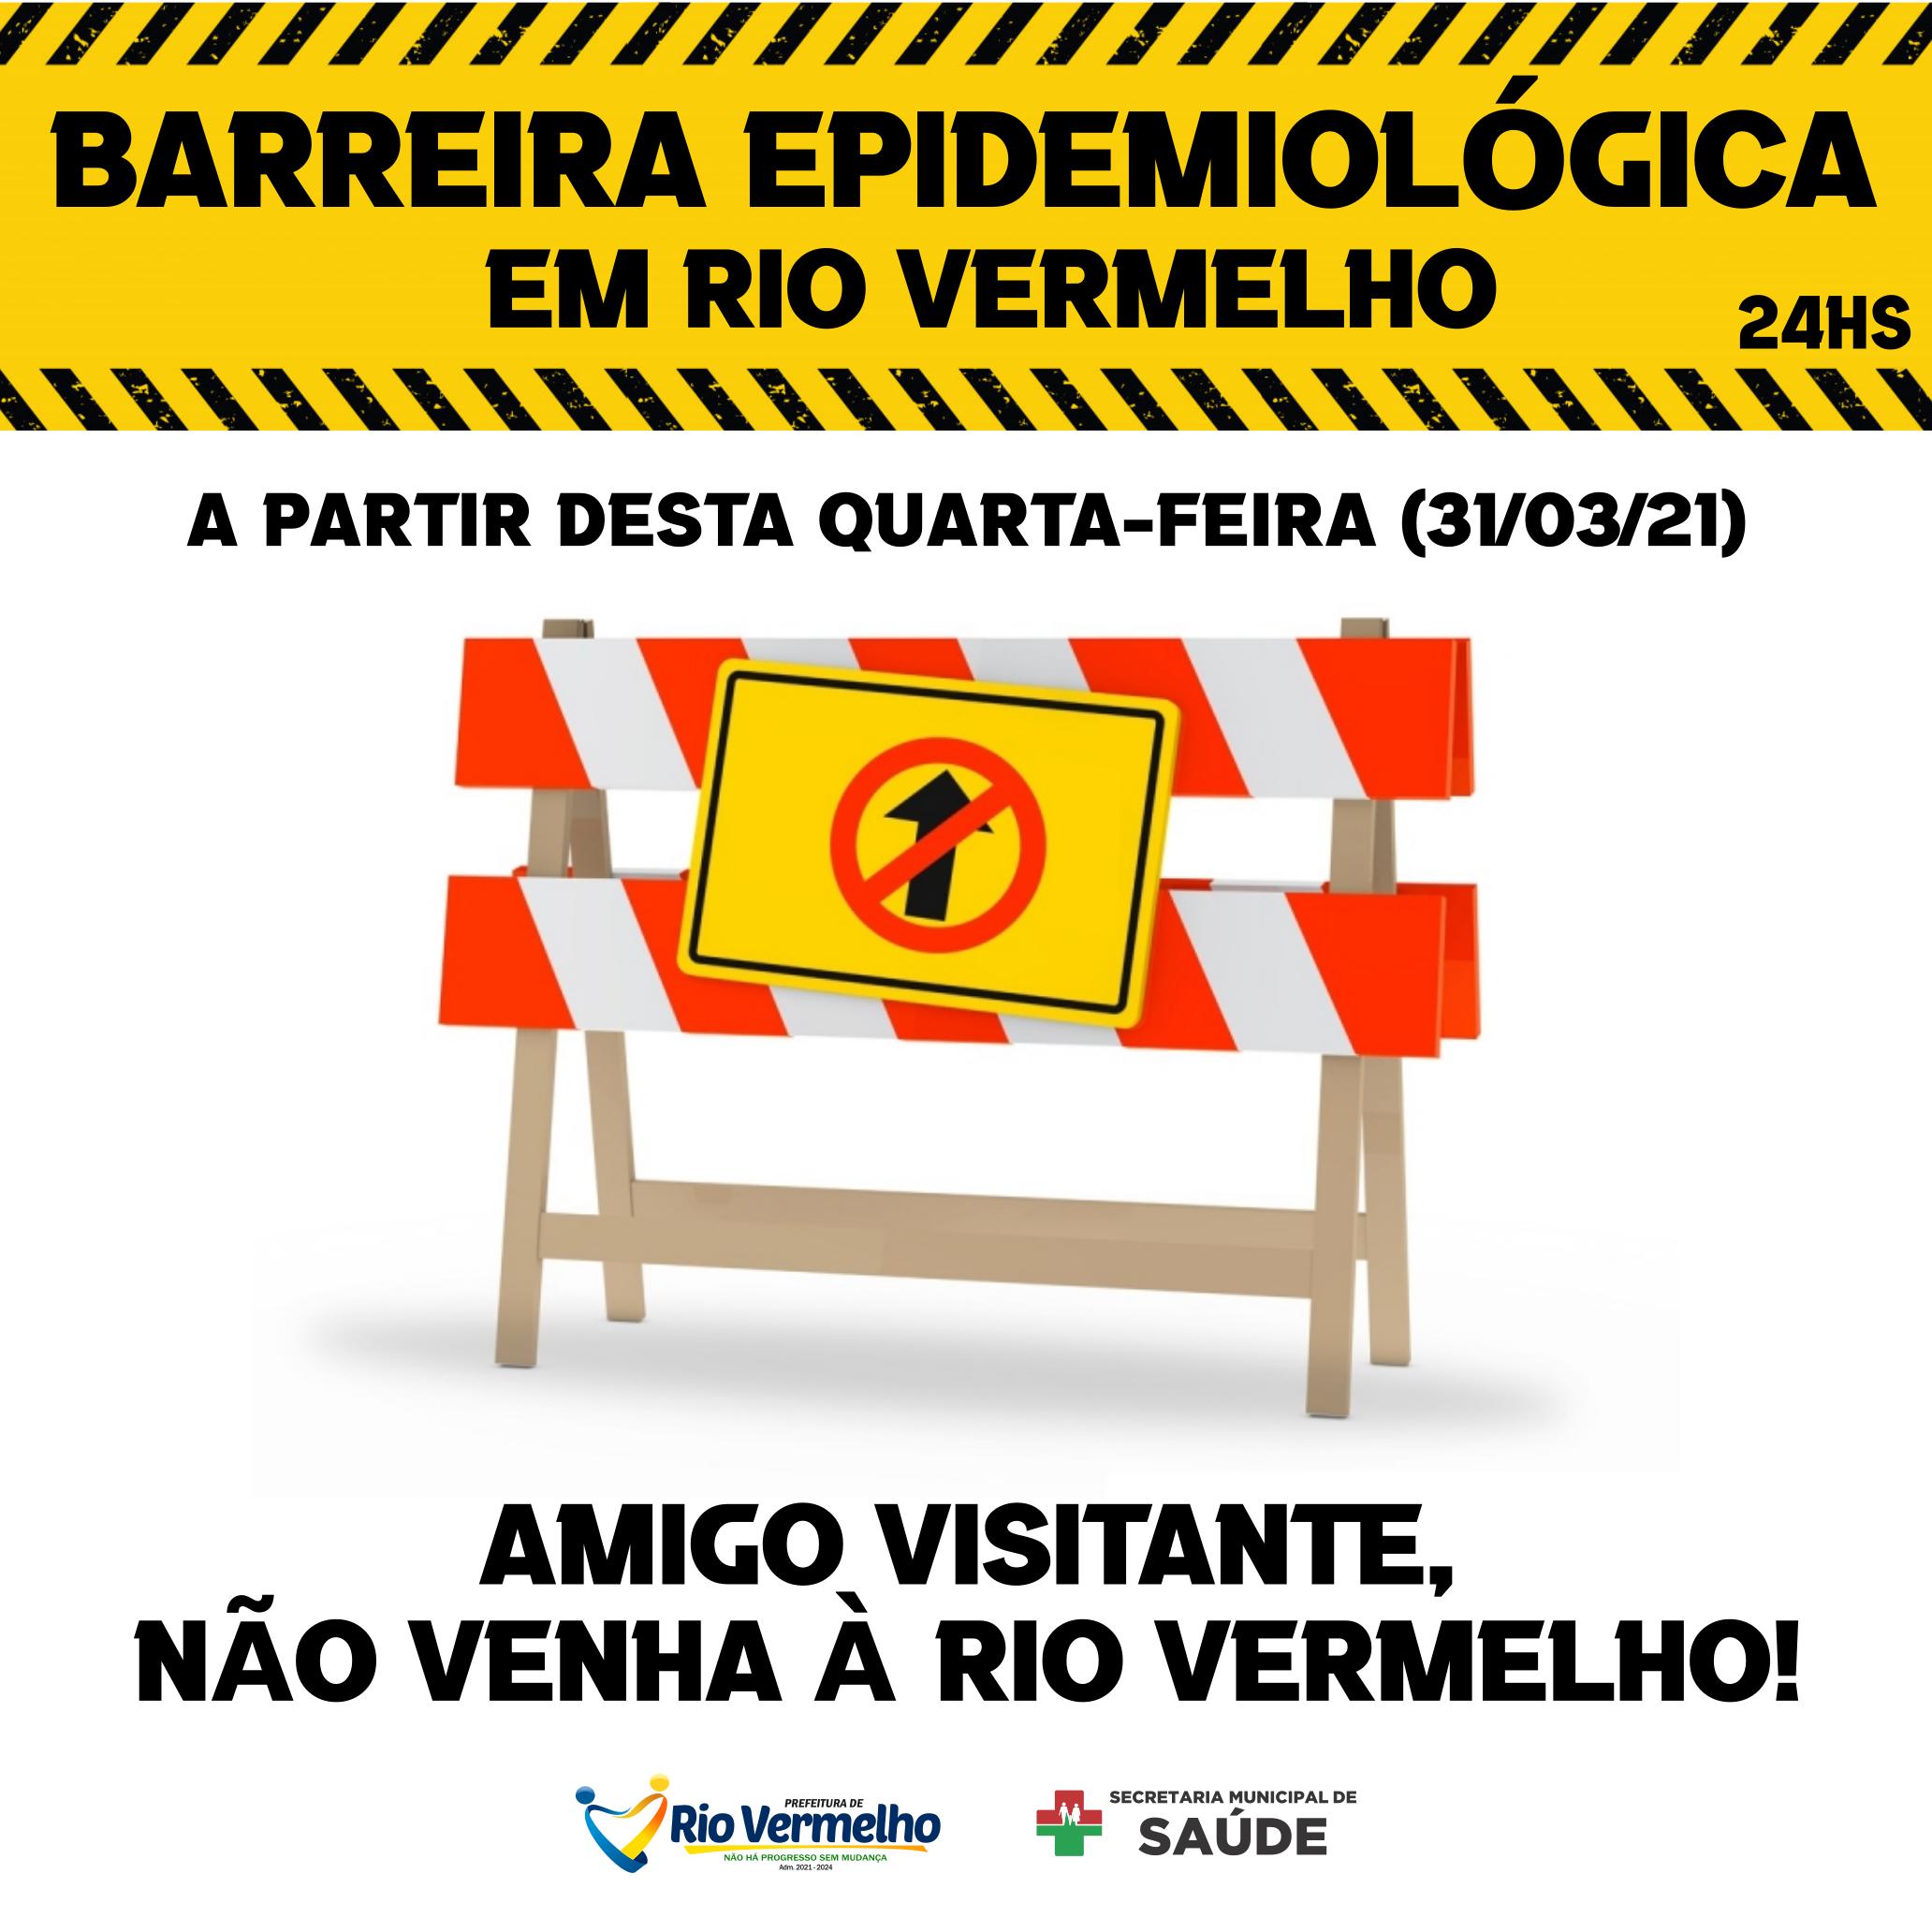 RIO VERMELHO AGORA CONTA COM BARREIRA EPIDEMIOLÓGICA